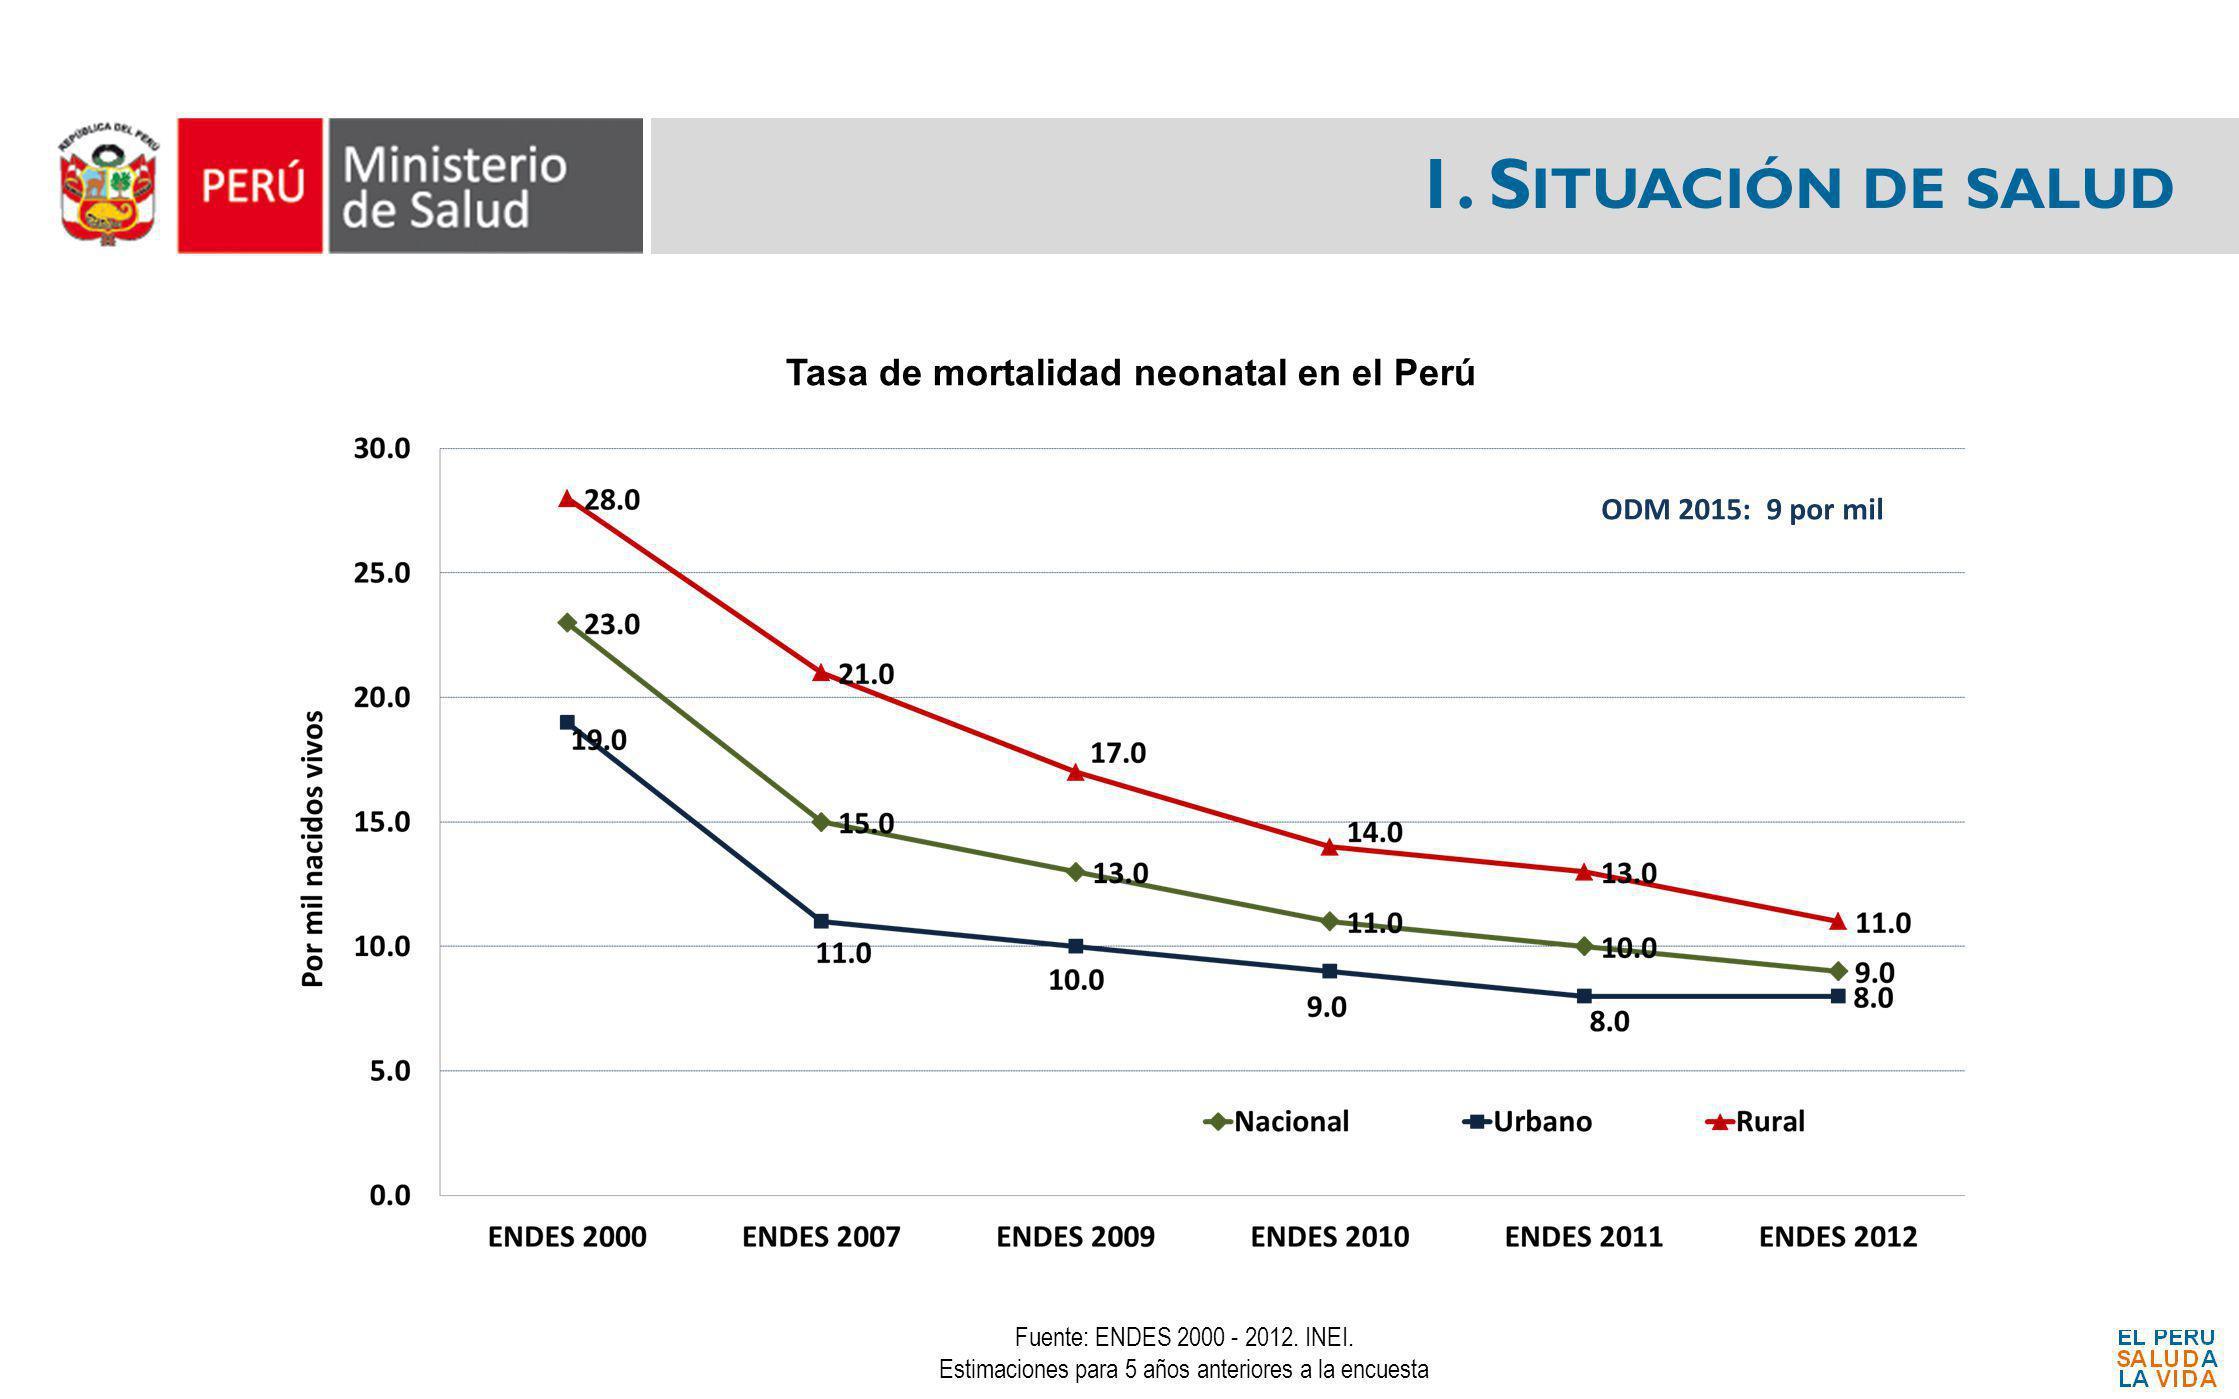 Tasa de mortalidad neonatal en el Perú